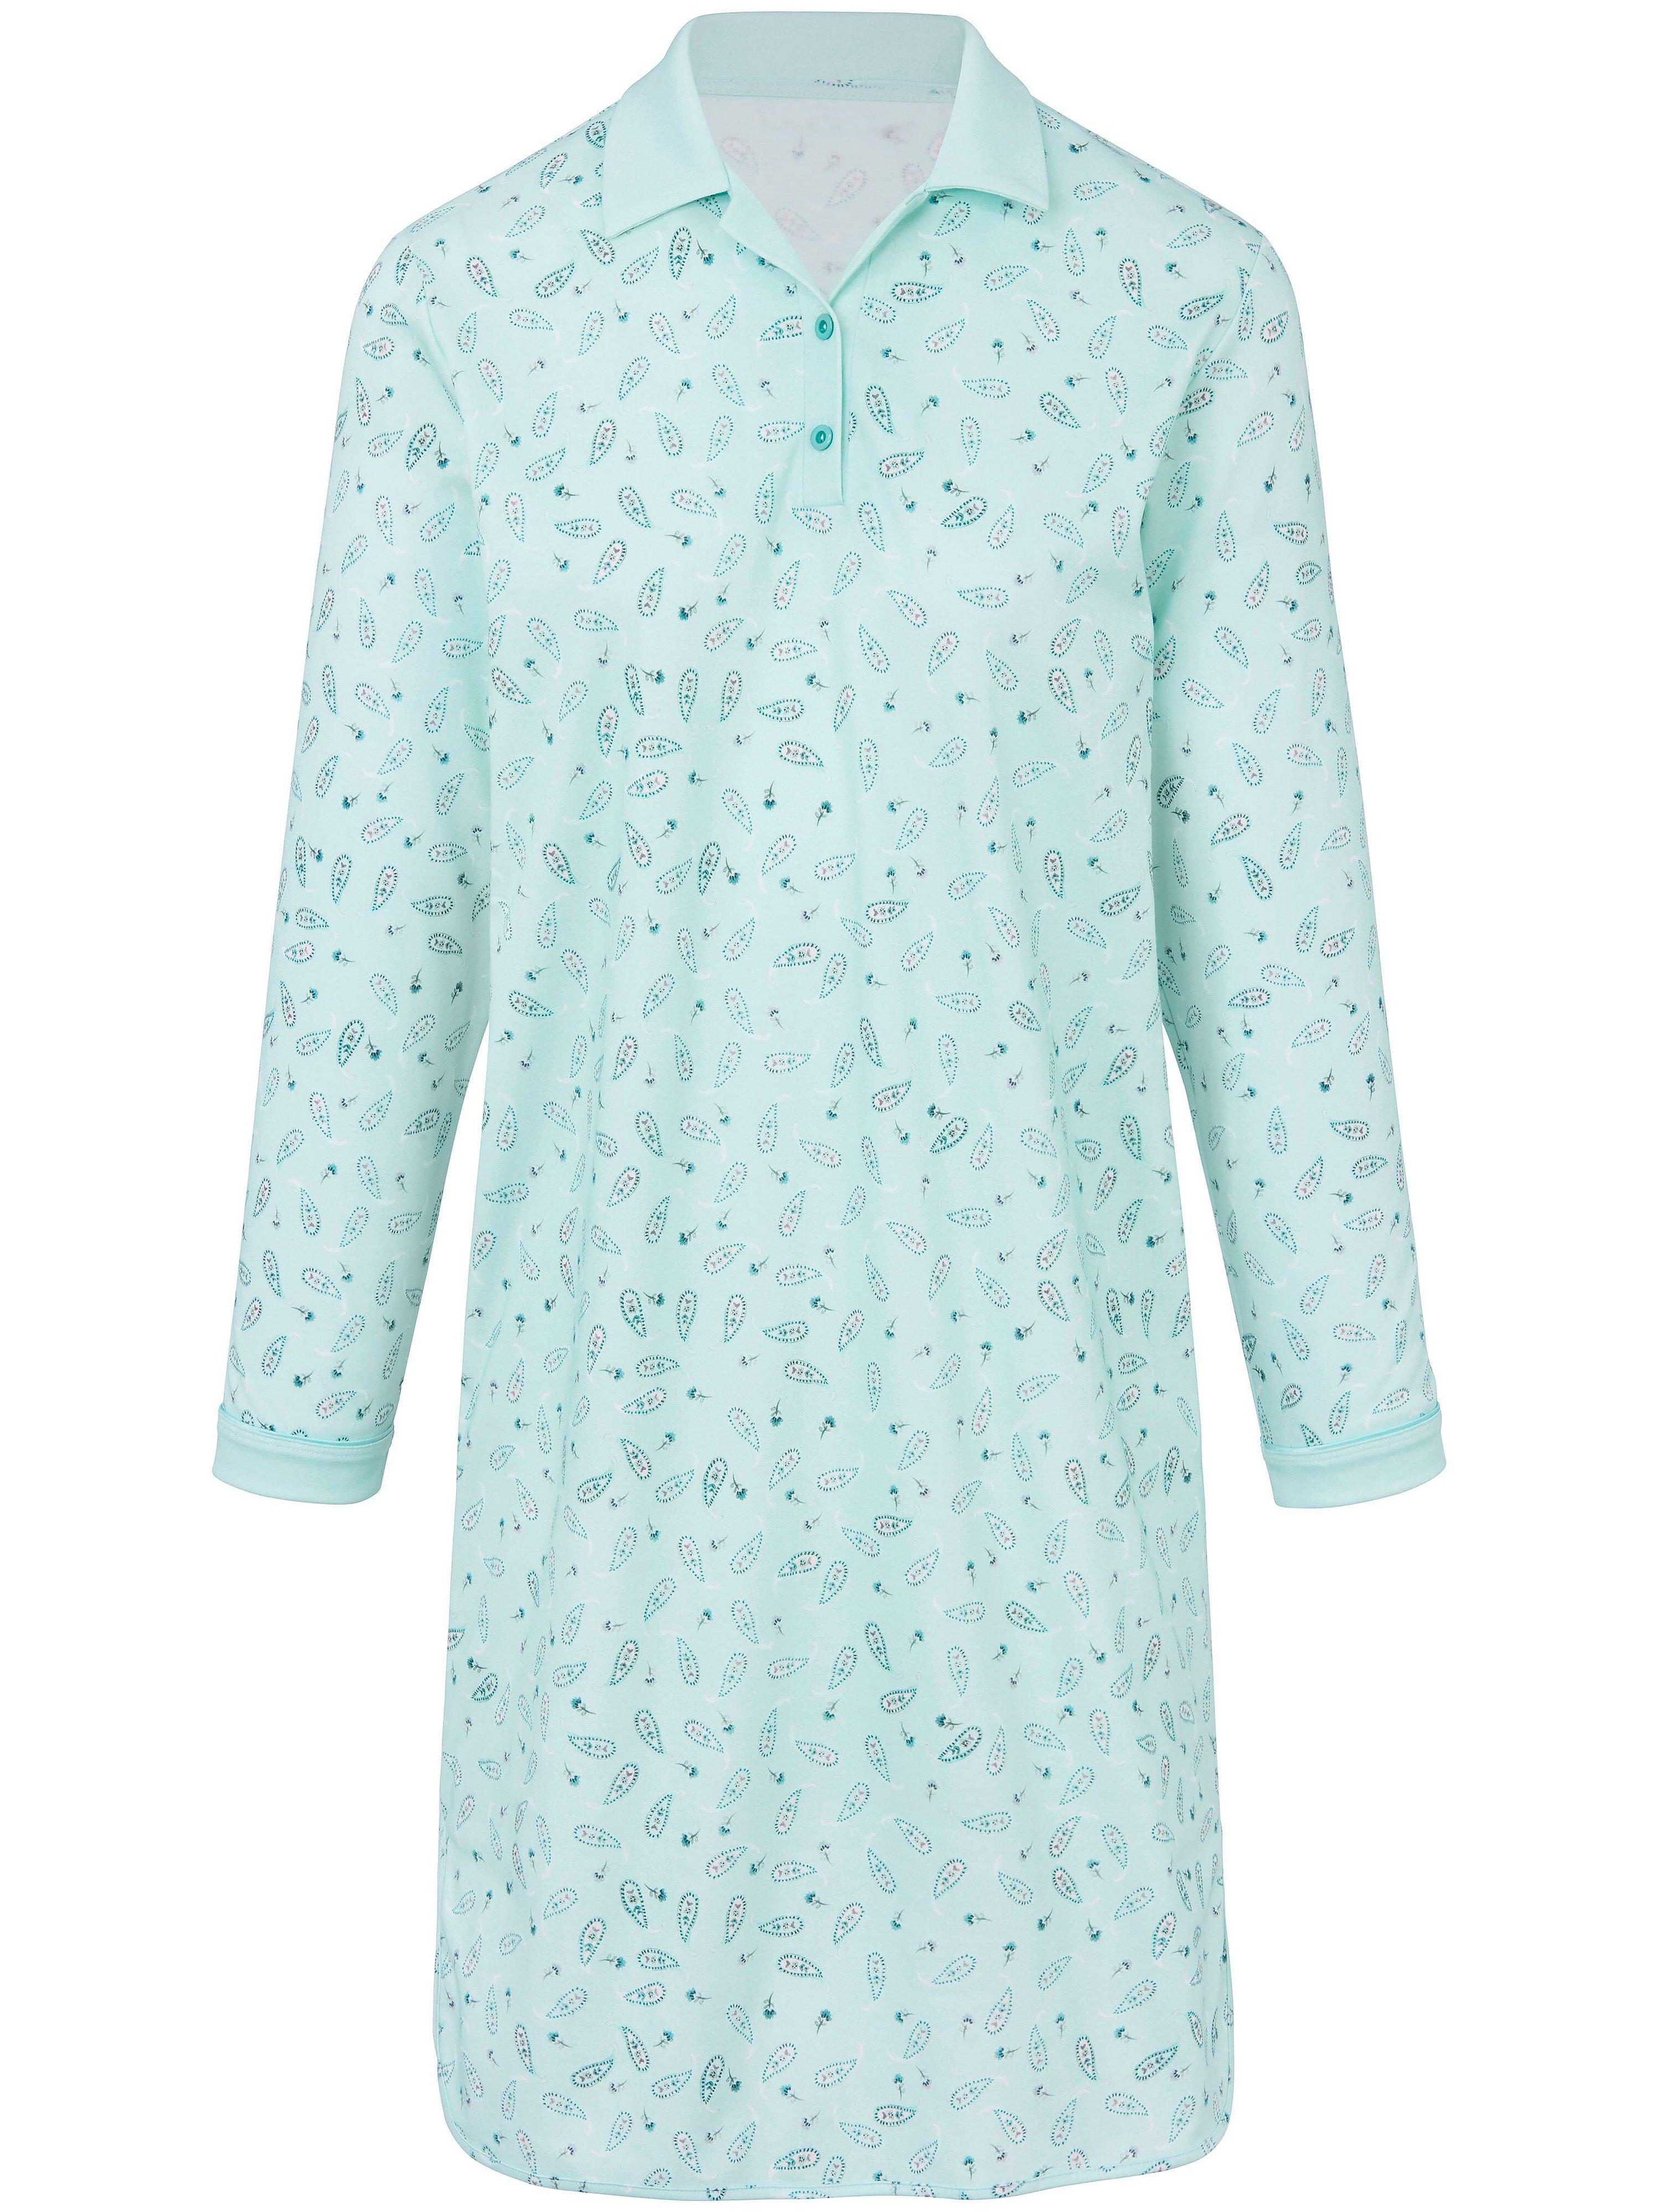 La chemise nuit 100% coton  Hautnah turquoise taille 44